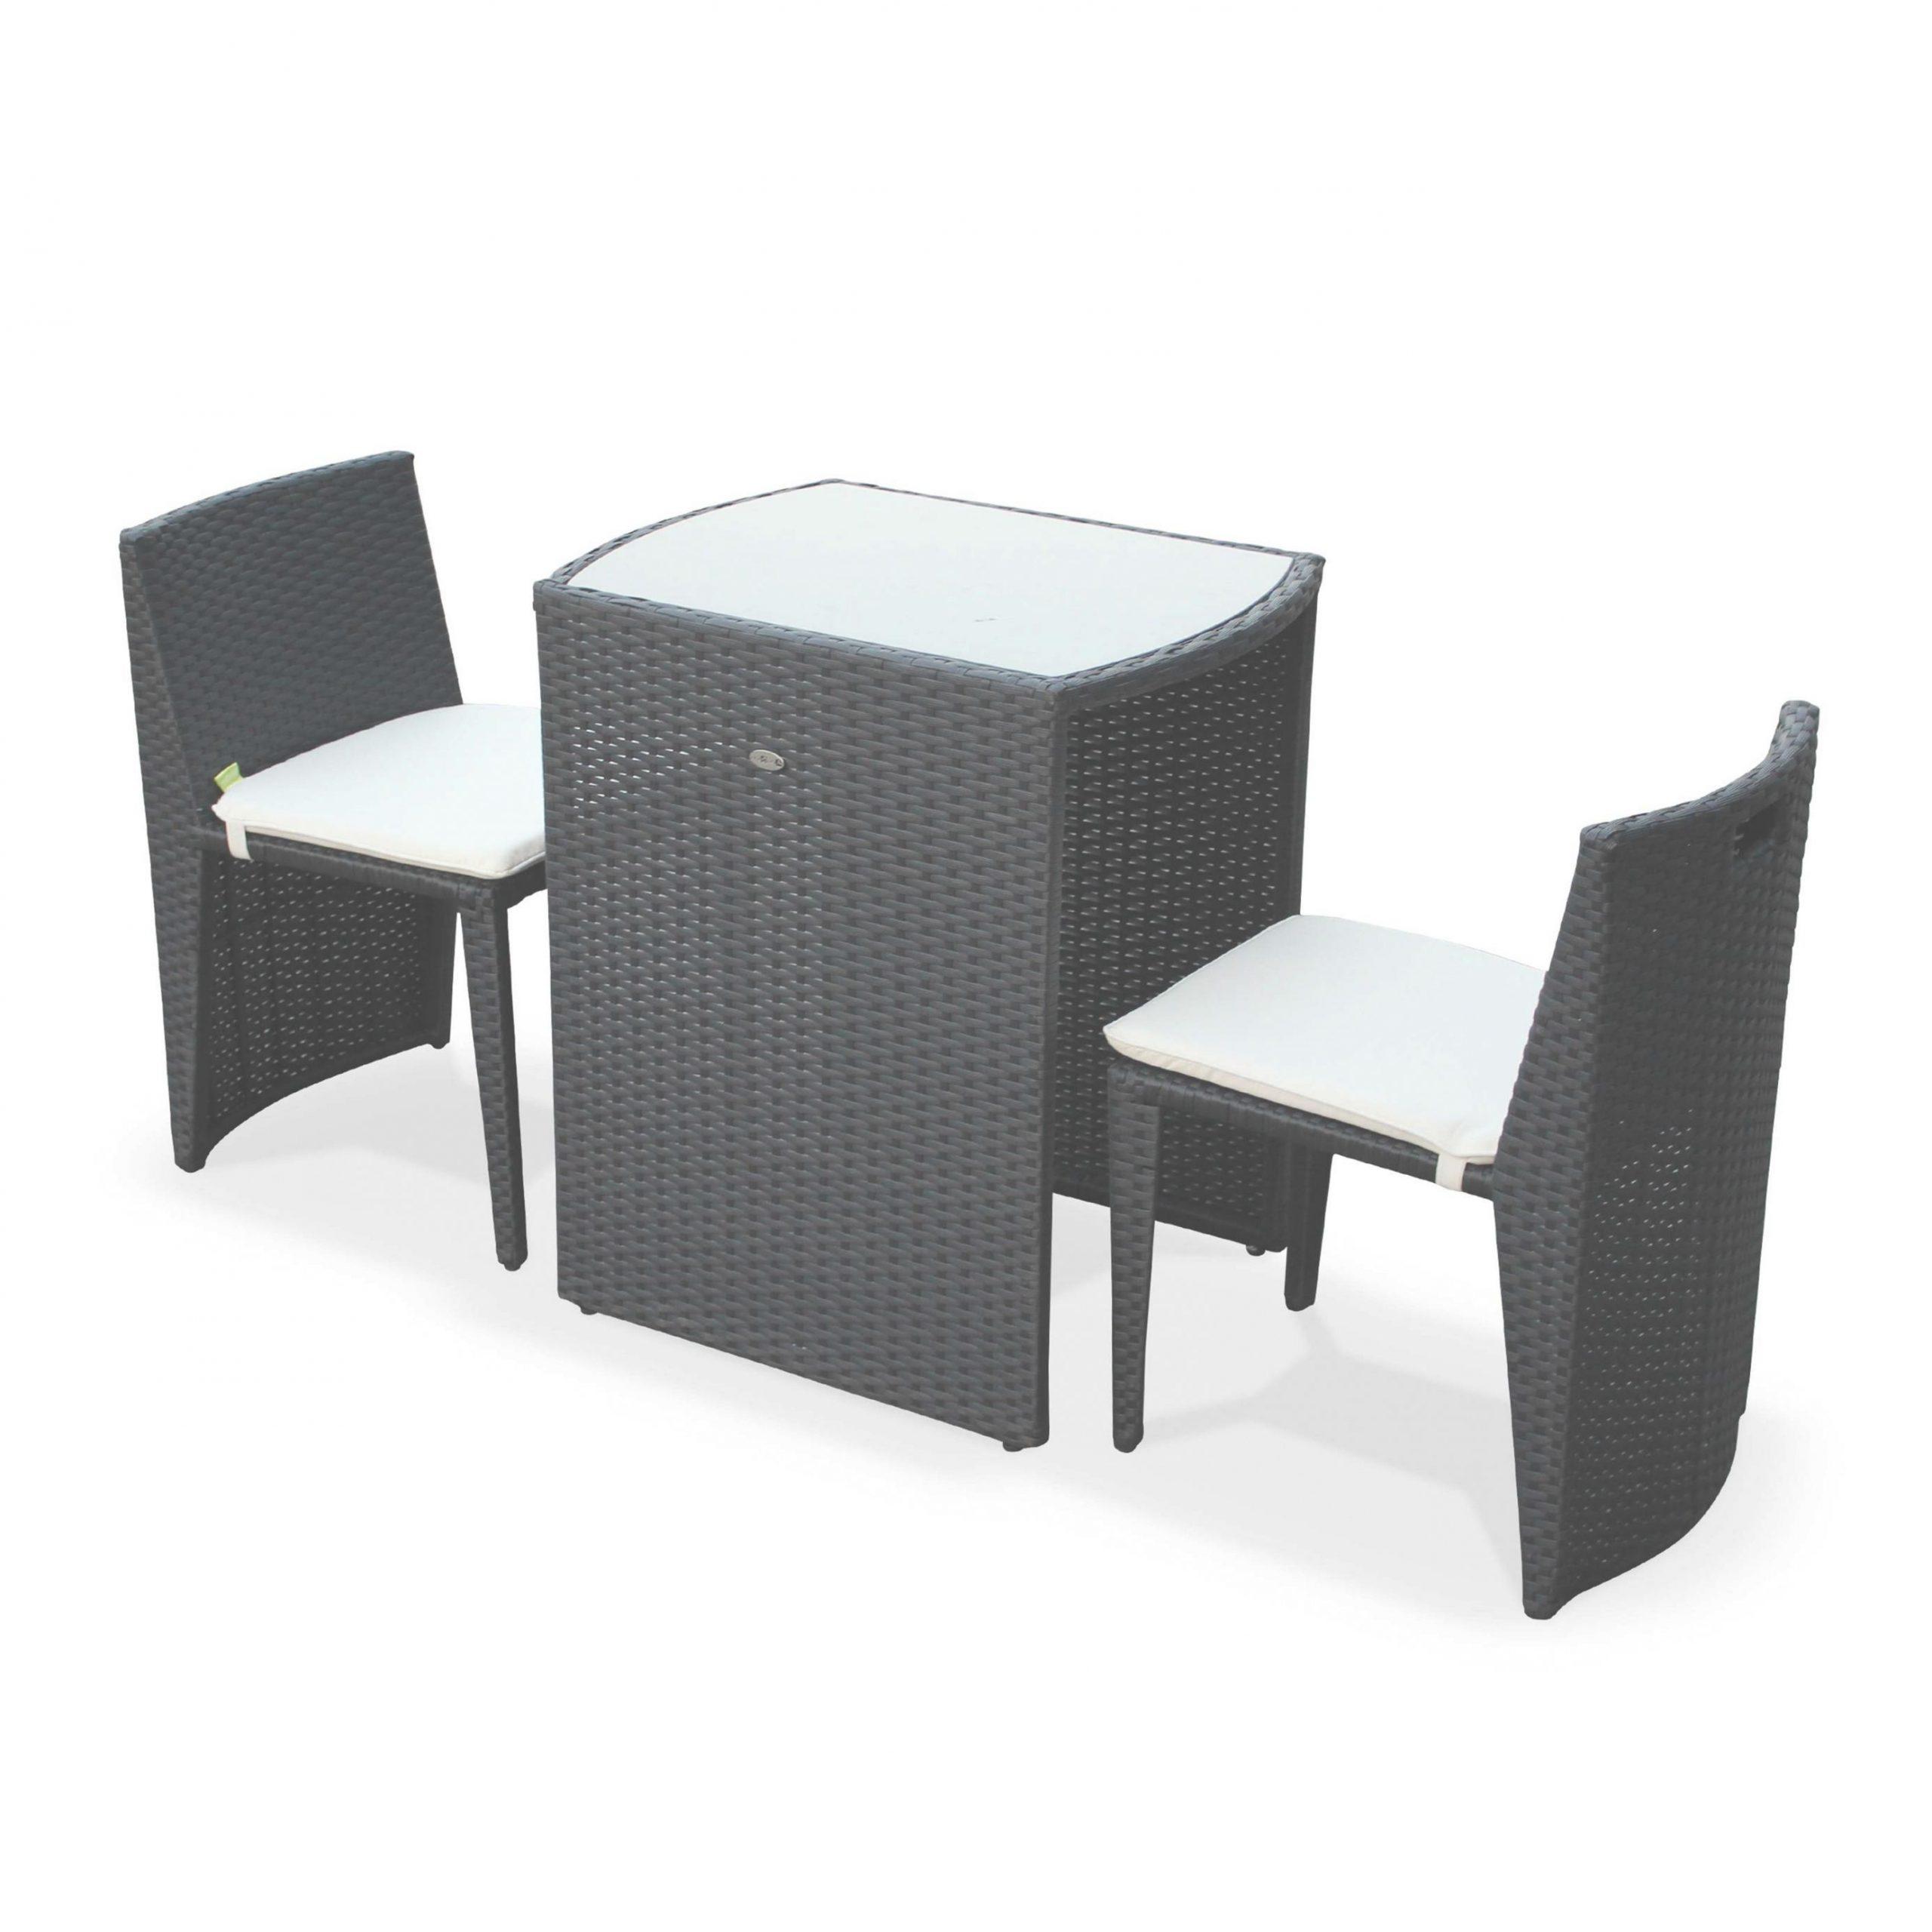 À Nouveau Table Salon Frais De Couette Ikea Blanc Lit Casa ... avec Chaise De Jardin Casa